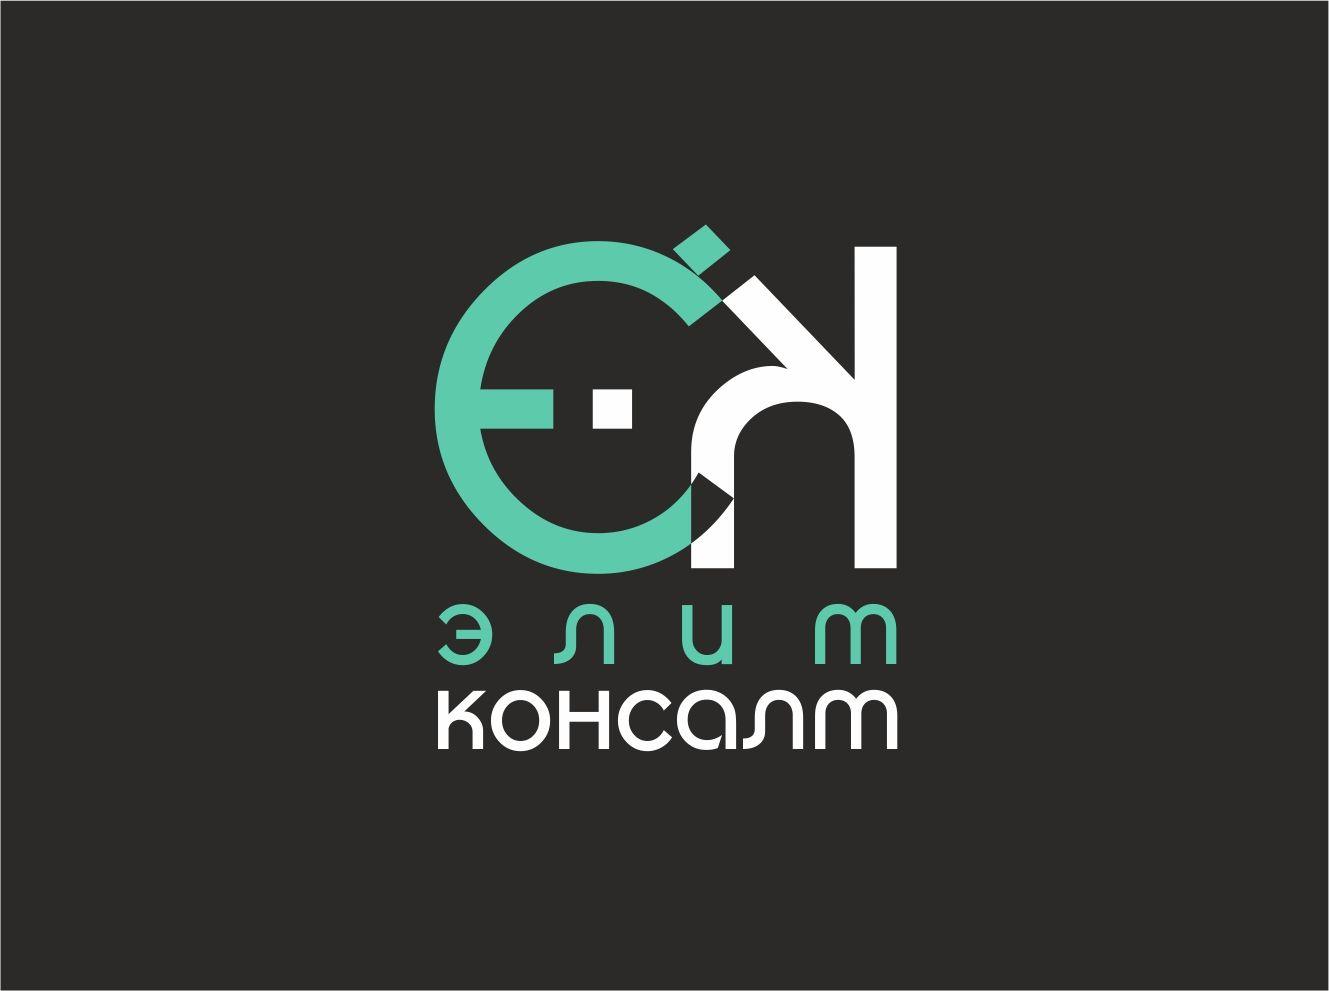 Логотип консалт-компании. Ждем еще предложения! - дизайнер GoldenHorse